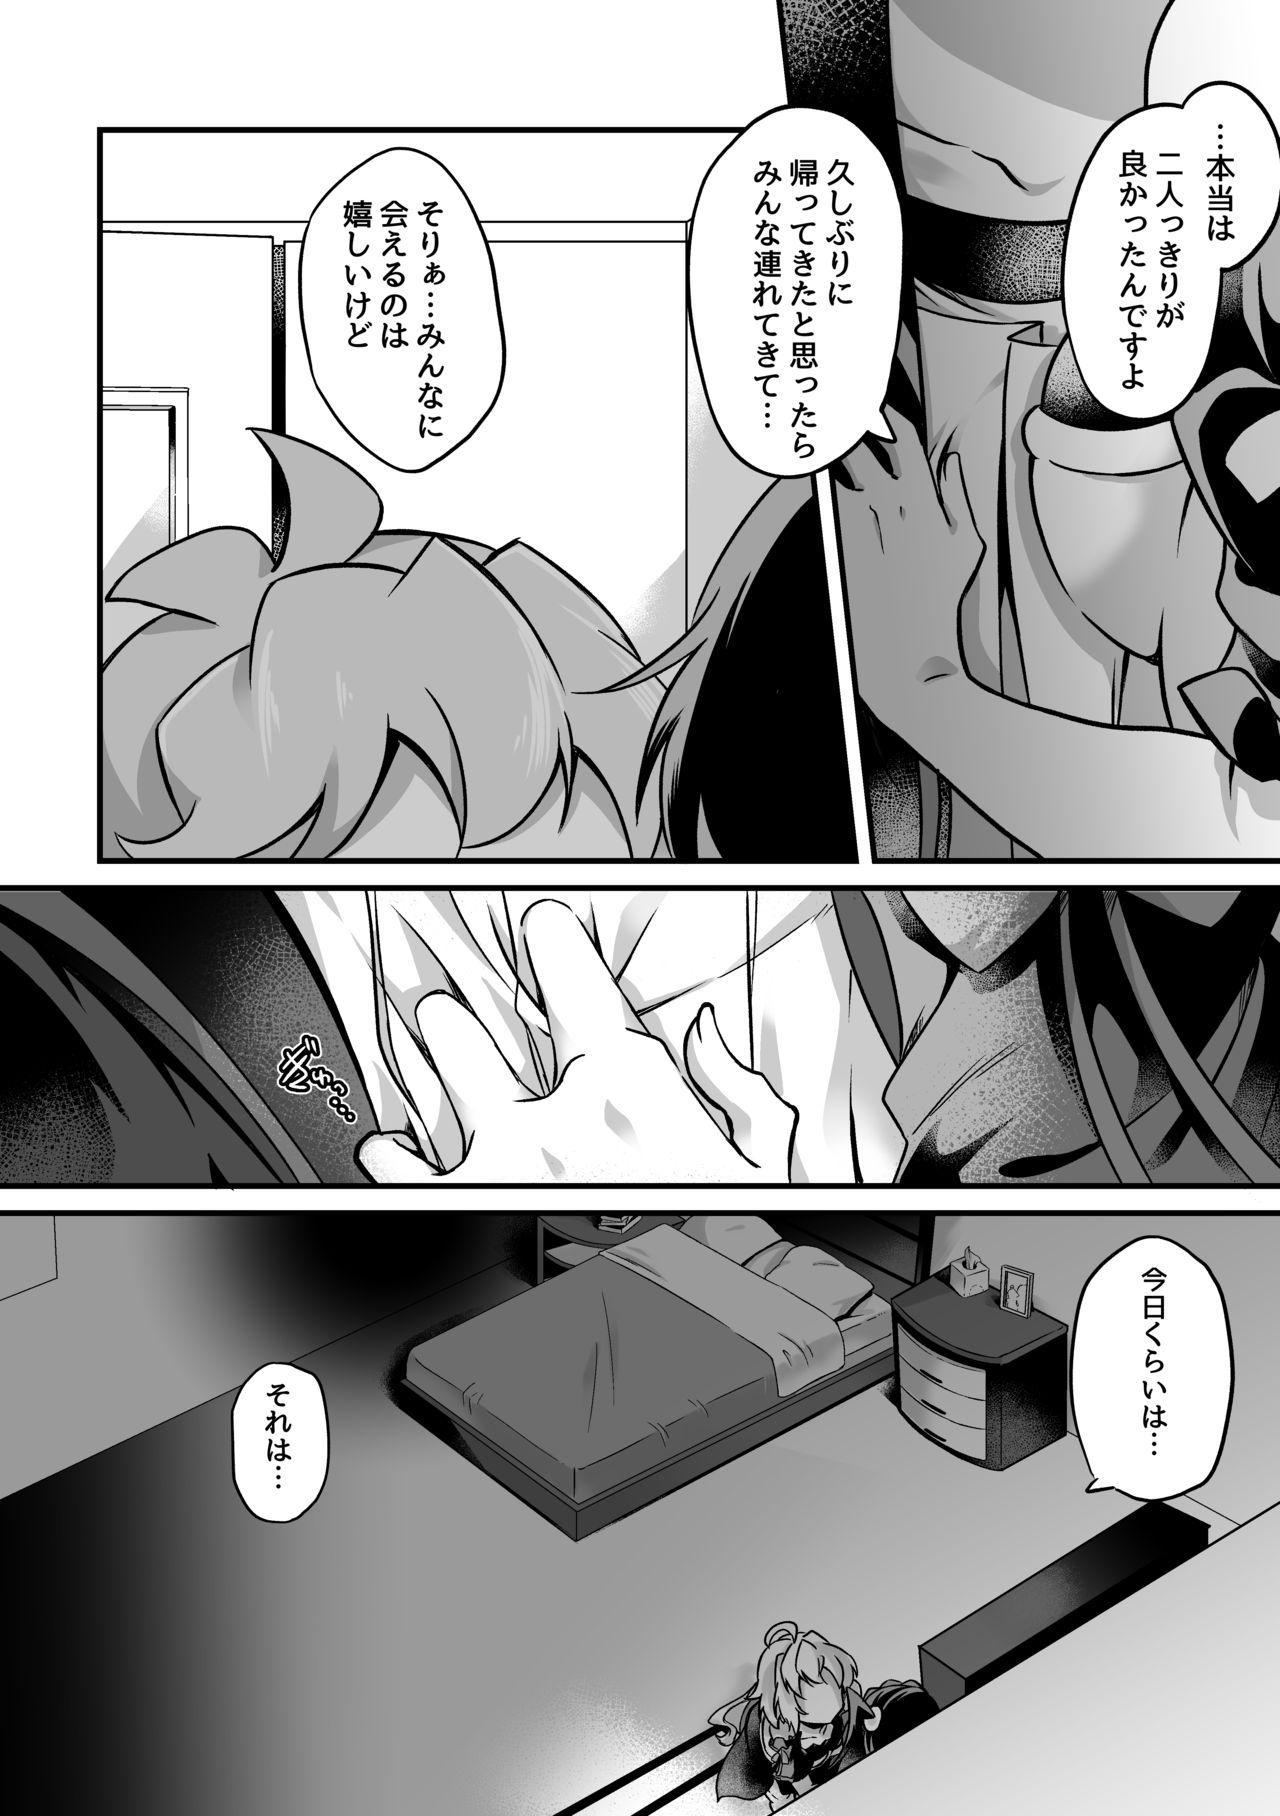 Kazanari Tsubasa ga Yukine Chris ni Oshitaosareru Hanashi. 4